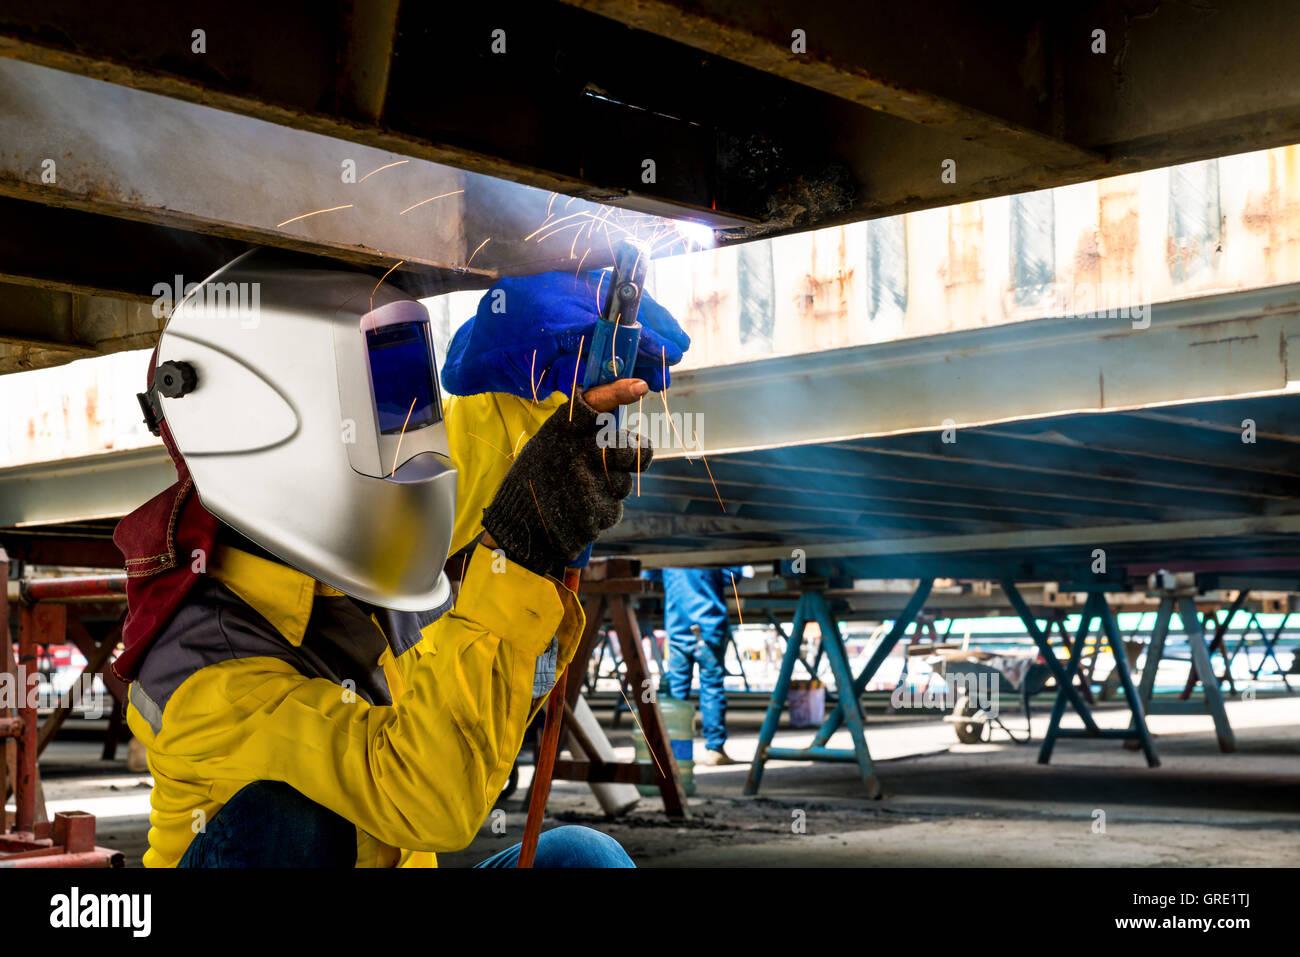 Arbeiter reparieren die Schäden Unterseite der Container, Industrie, Fabrik, Schweißen closeup Stockbild